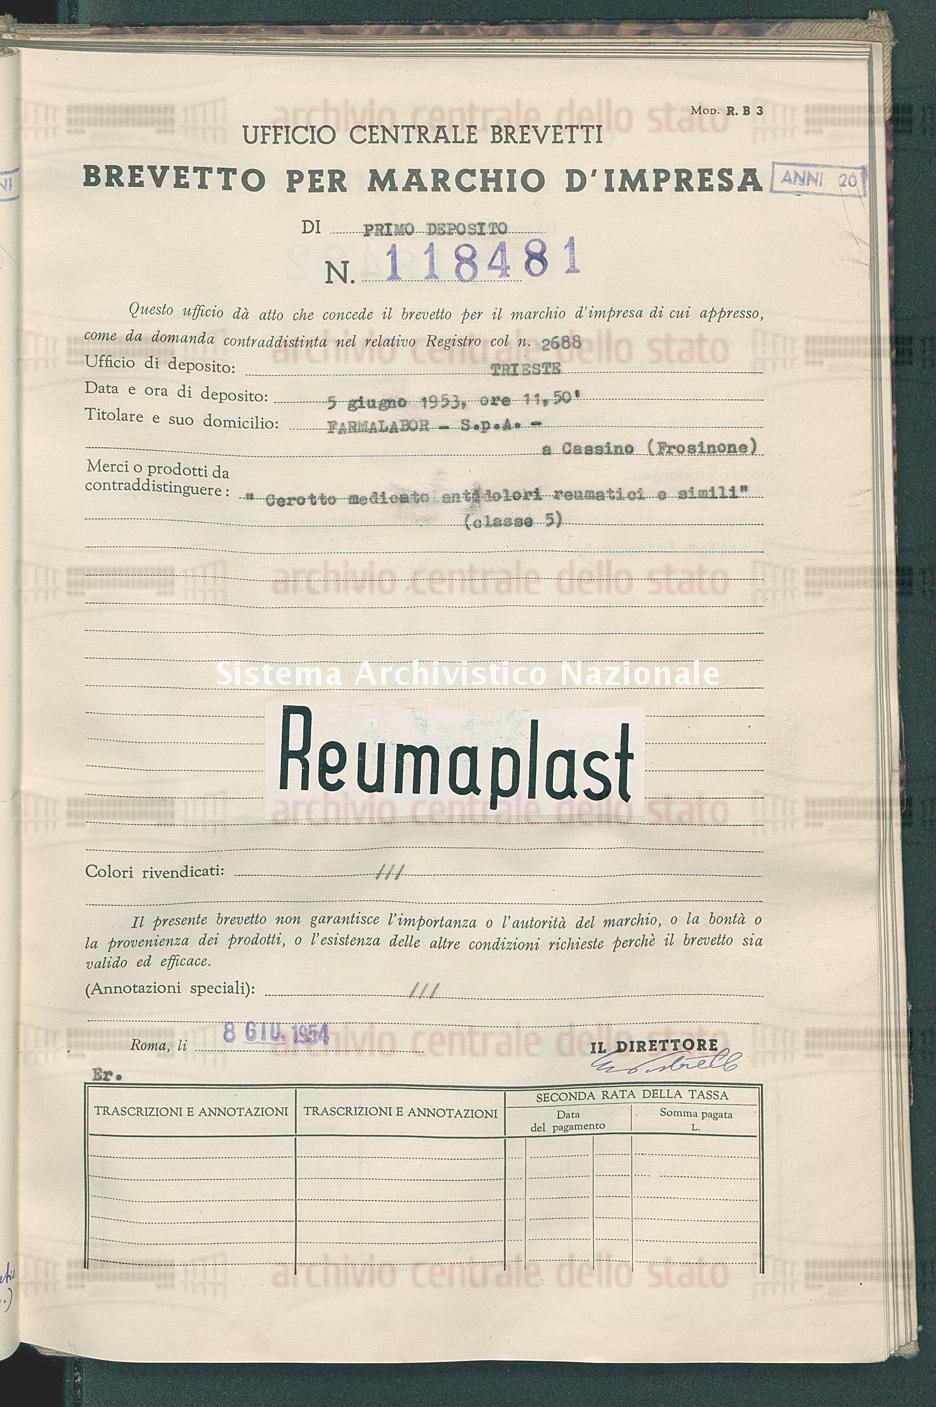 'Cerotto medicato antidolori reumatici e simili' Farmalabor - S.P.A. - (08/06/1954)